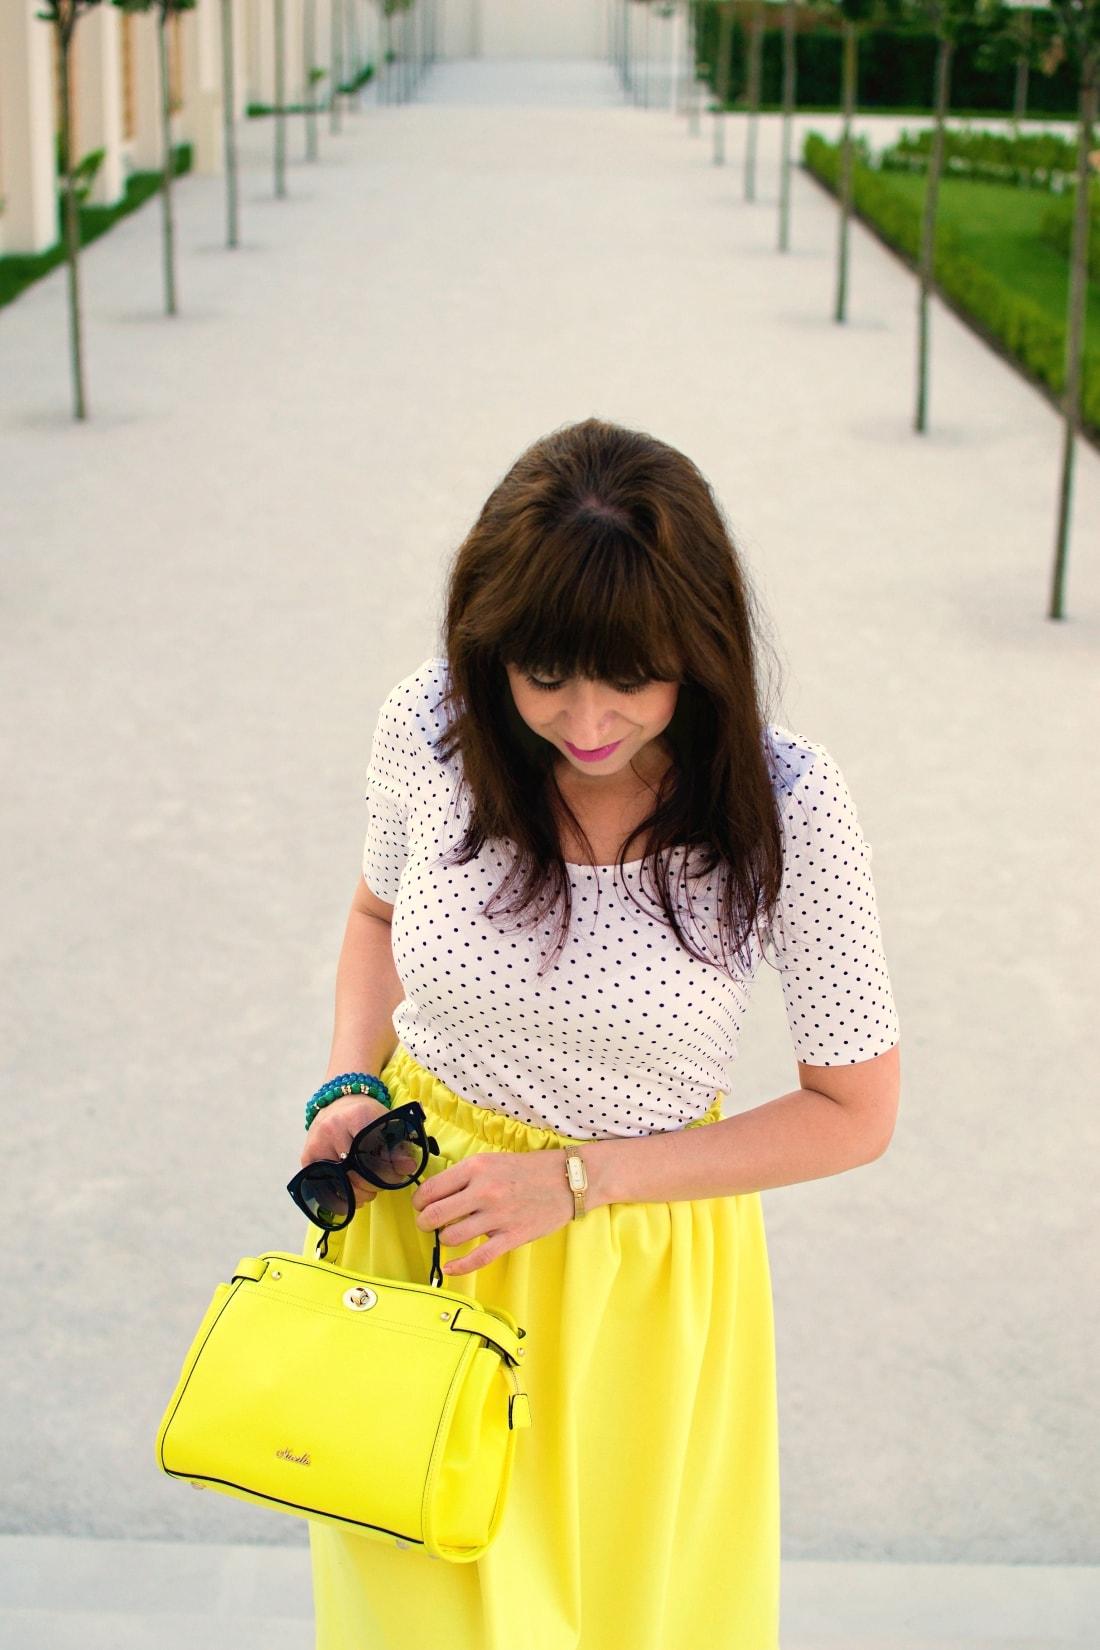 Vždy najlepšie_Katharine-fashion is beautiful blog 8_Dots_Bodky_Vzorované lodičky_Žltá sukňa_Katarína Jakubčová_Fashion blogger